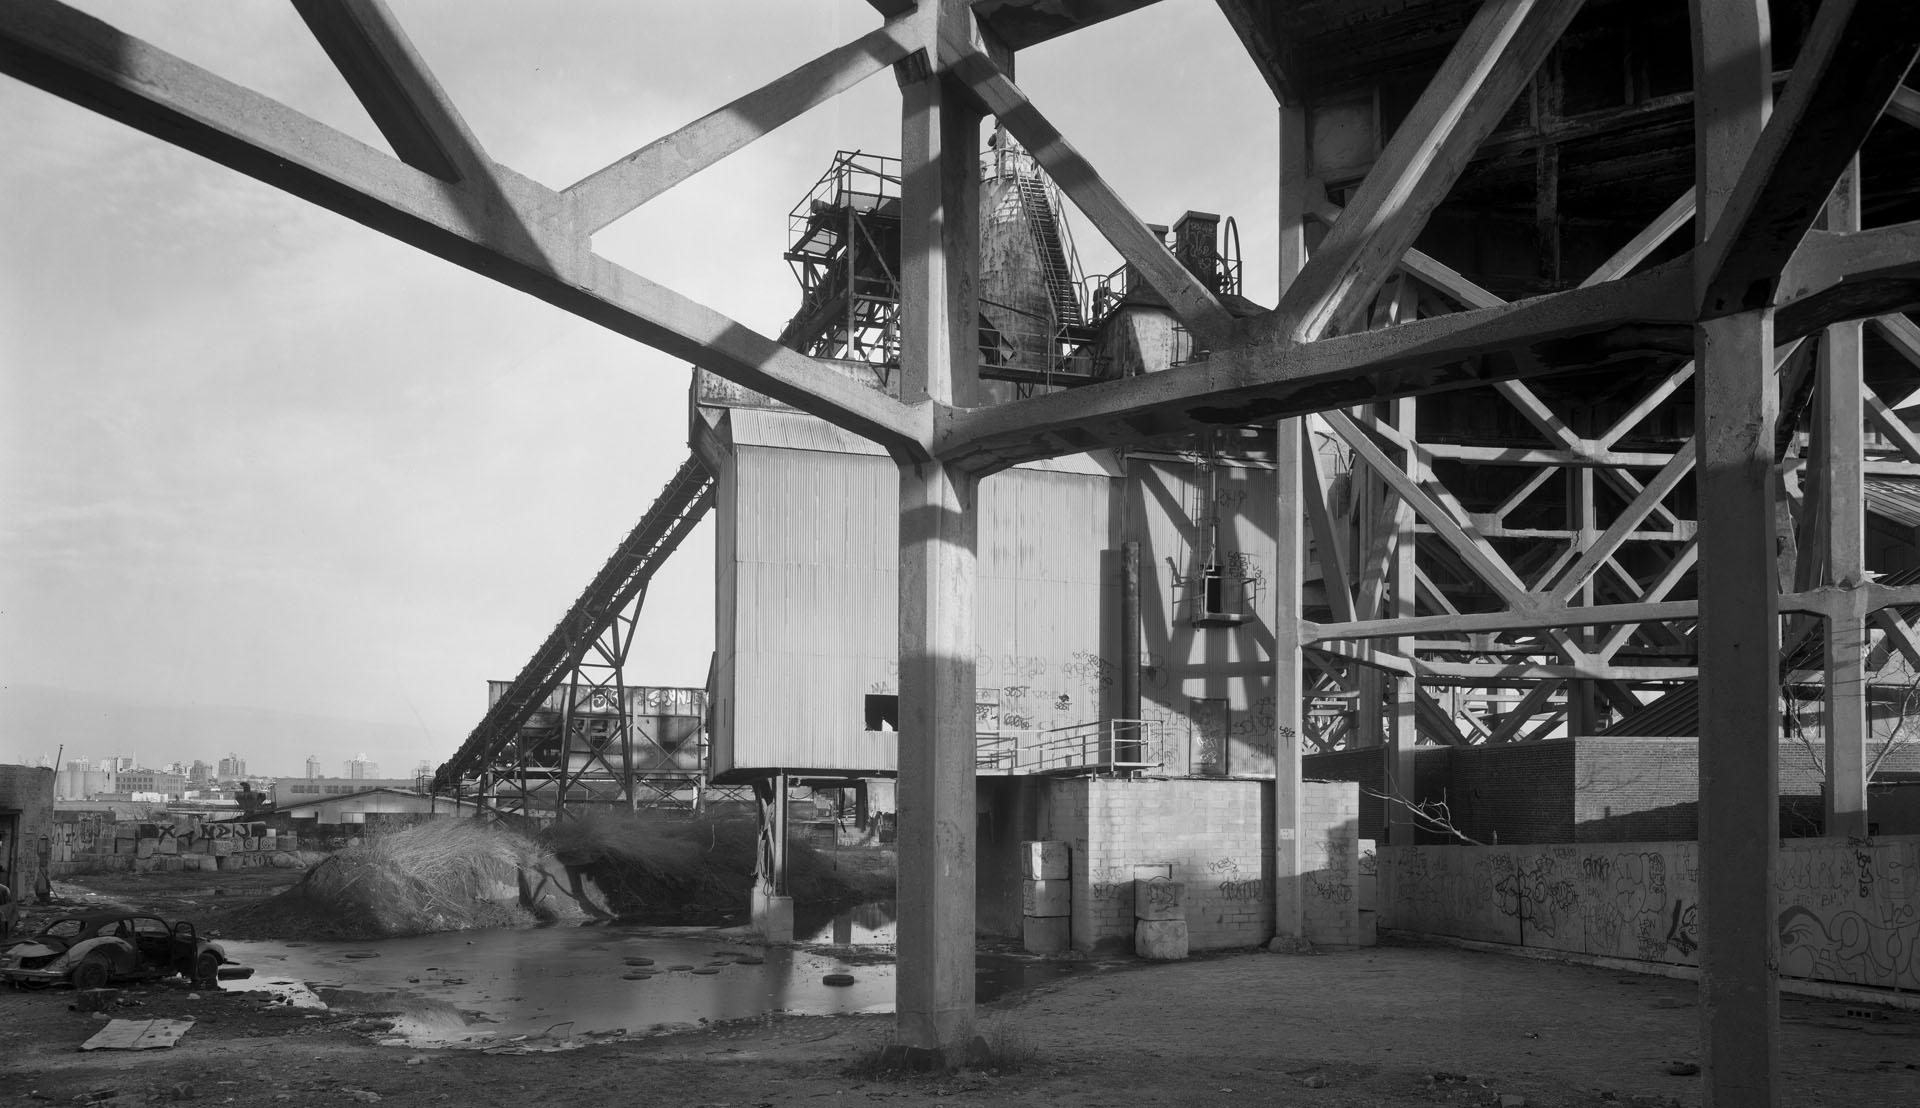 Gowanus Cement Plant